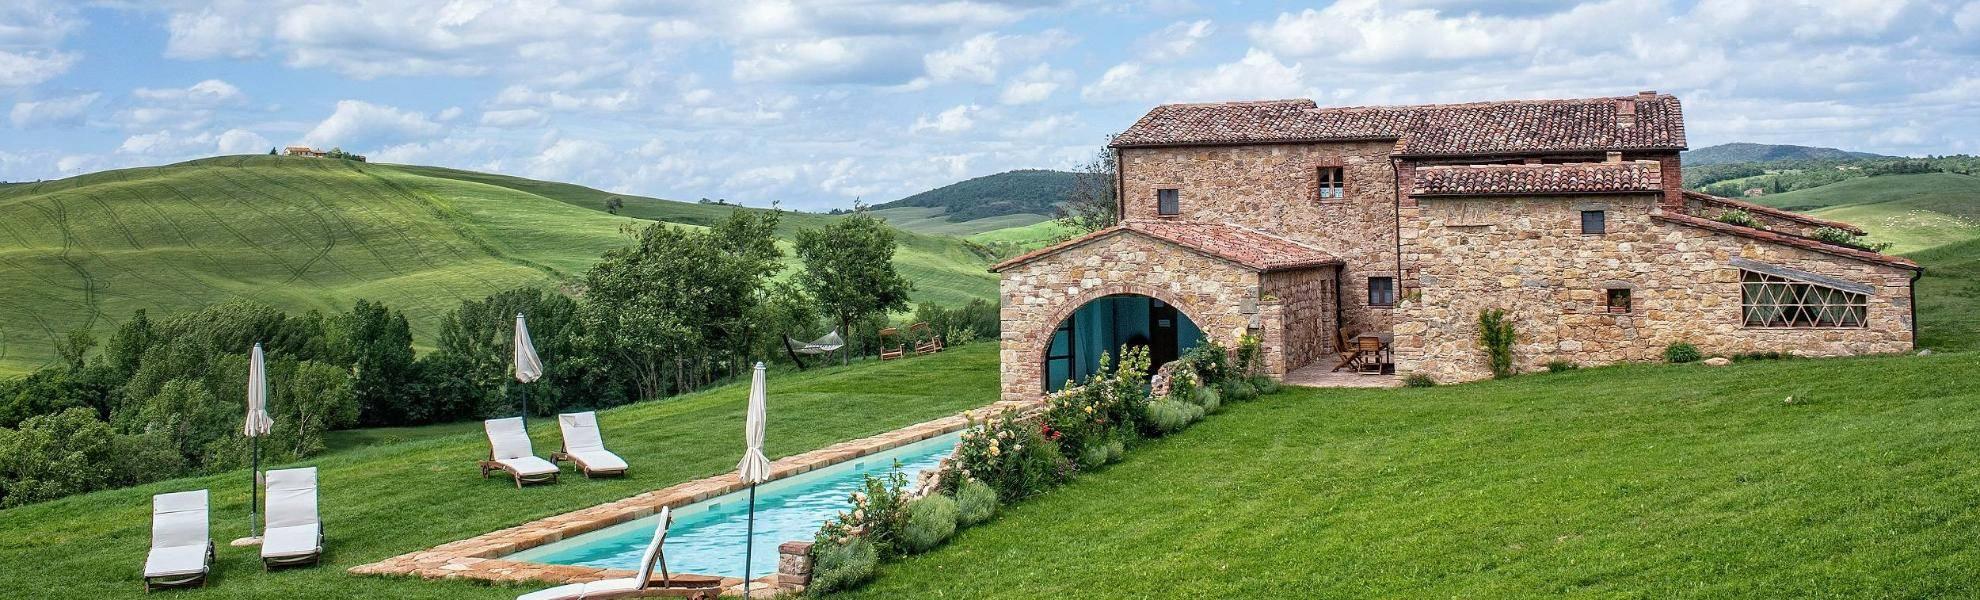 Villa Sauro